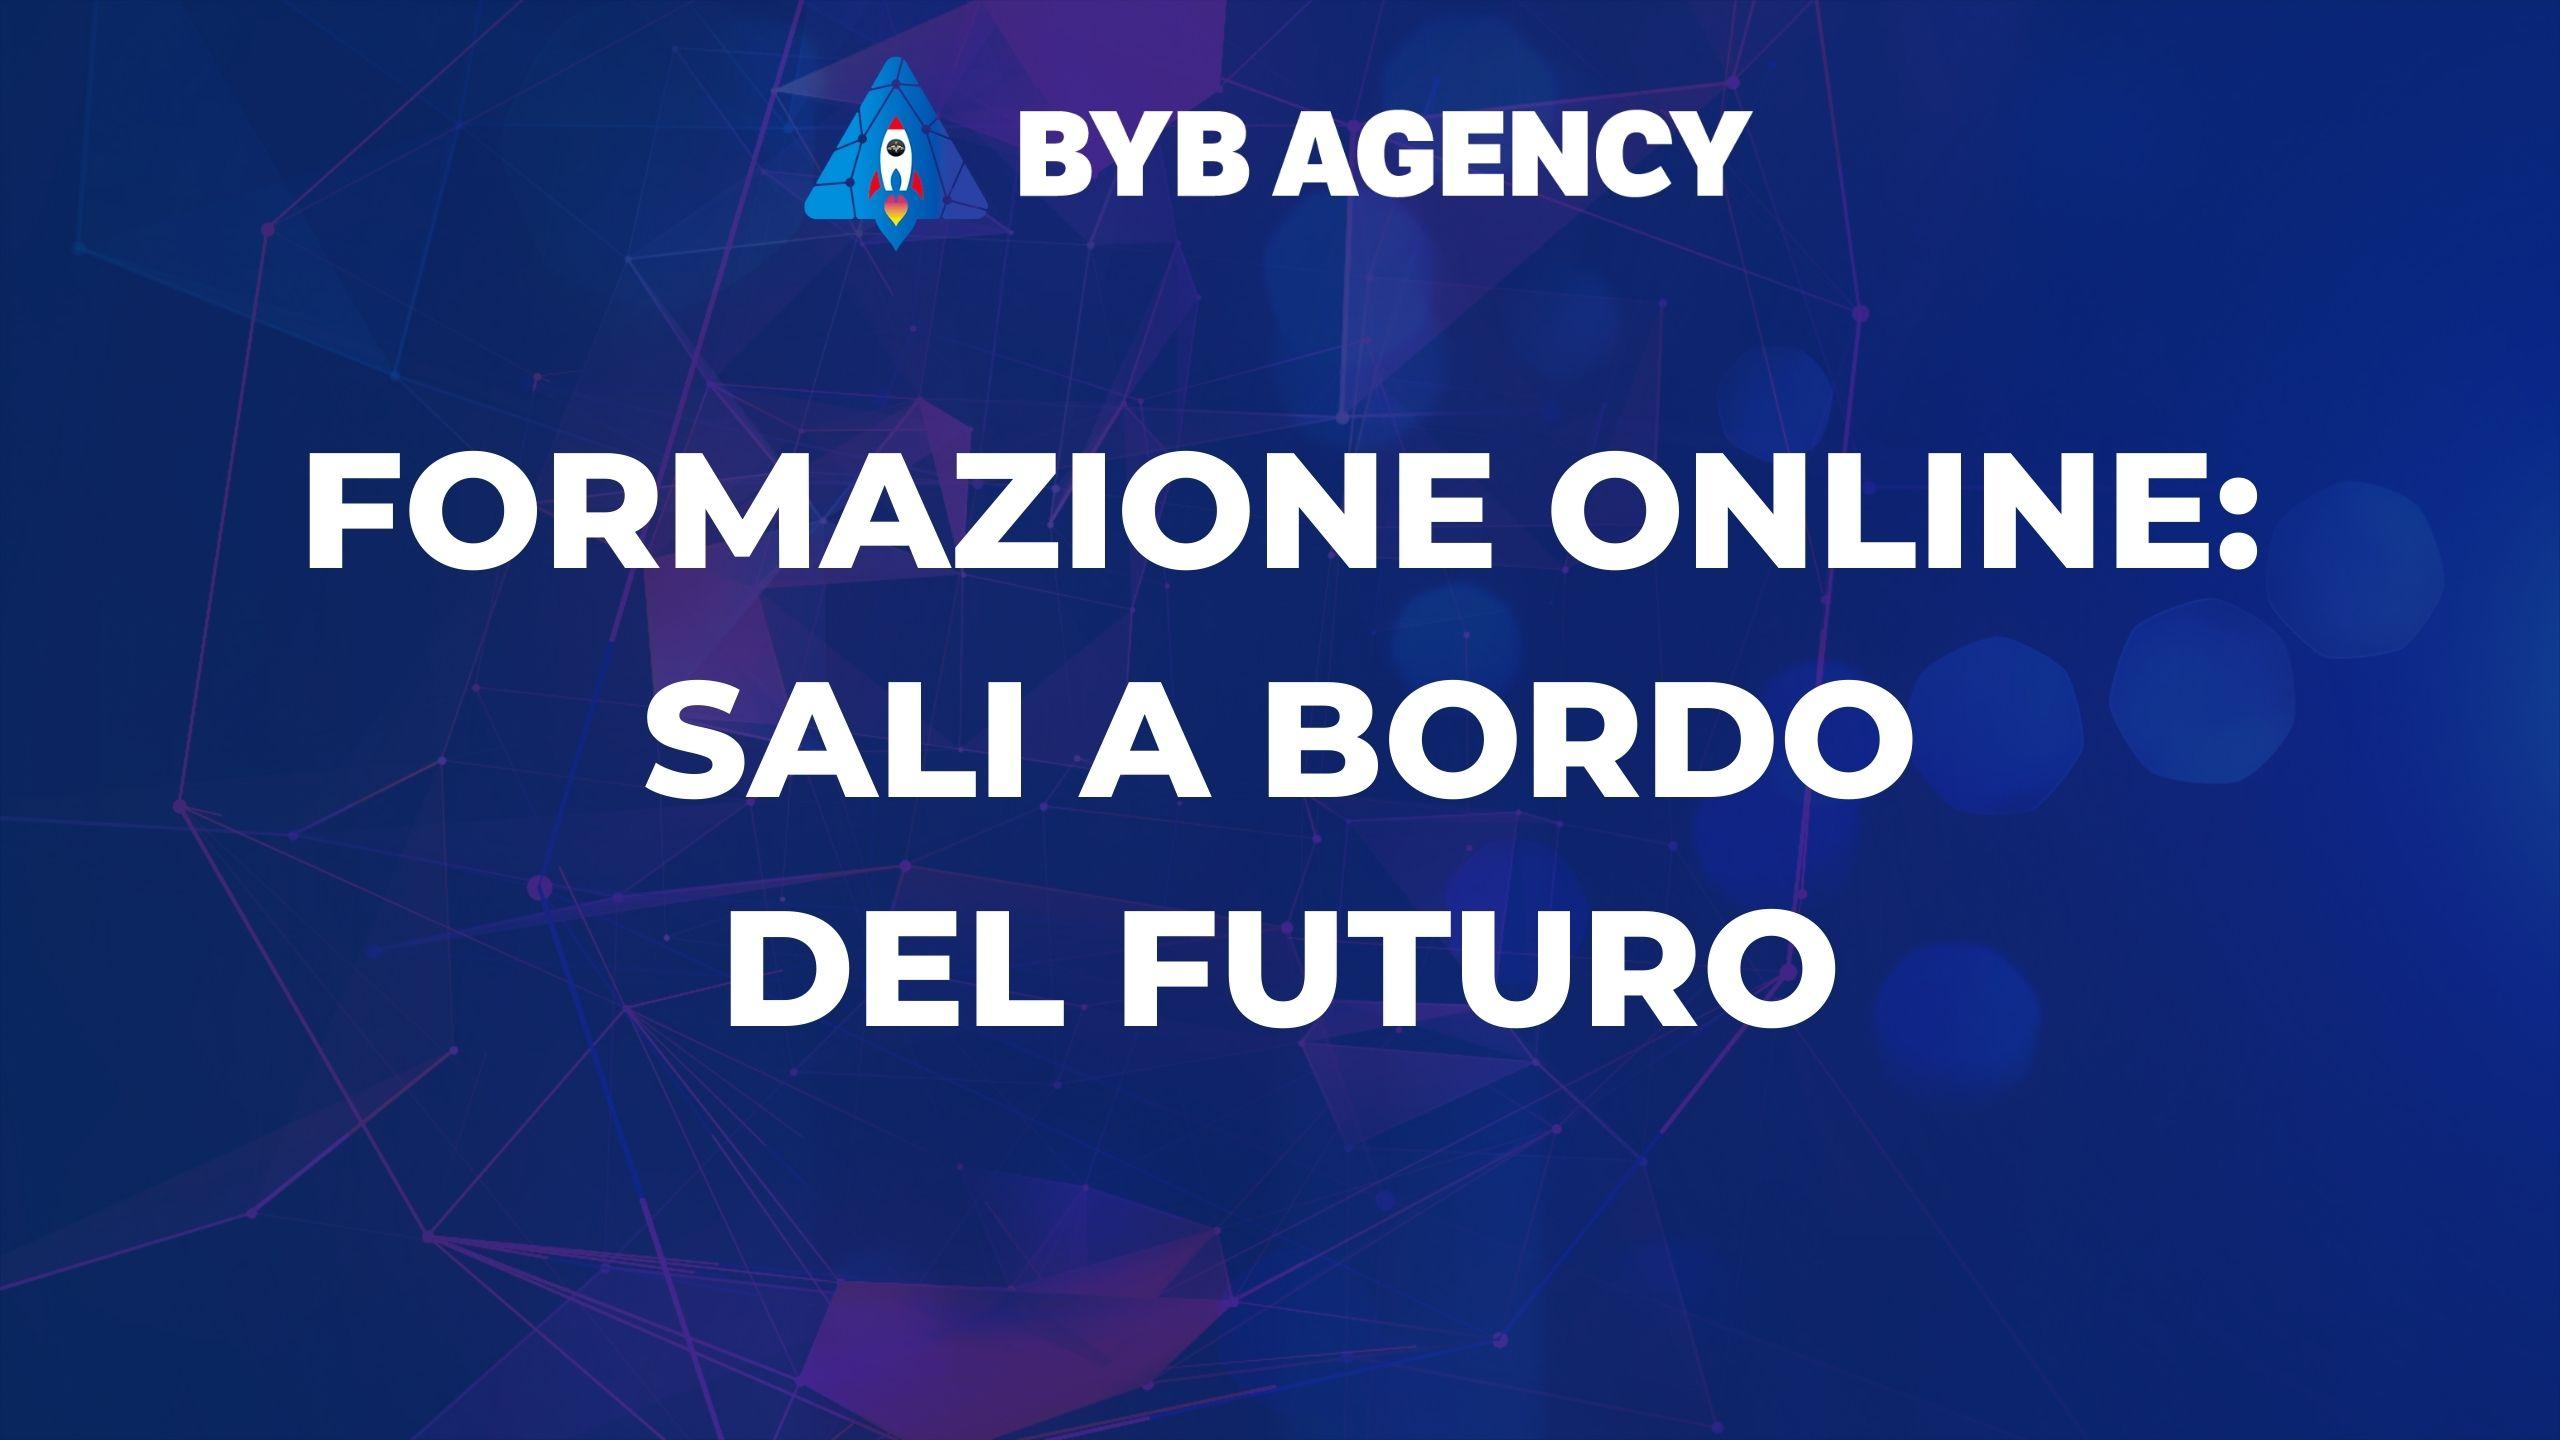 formazione online sali a bordo del futuro